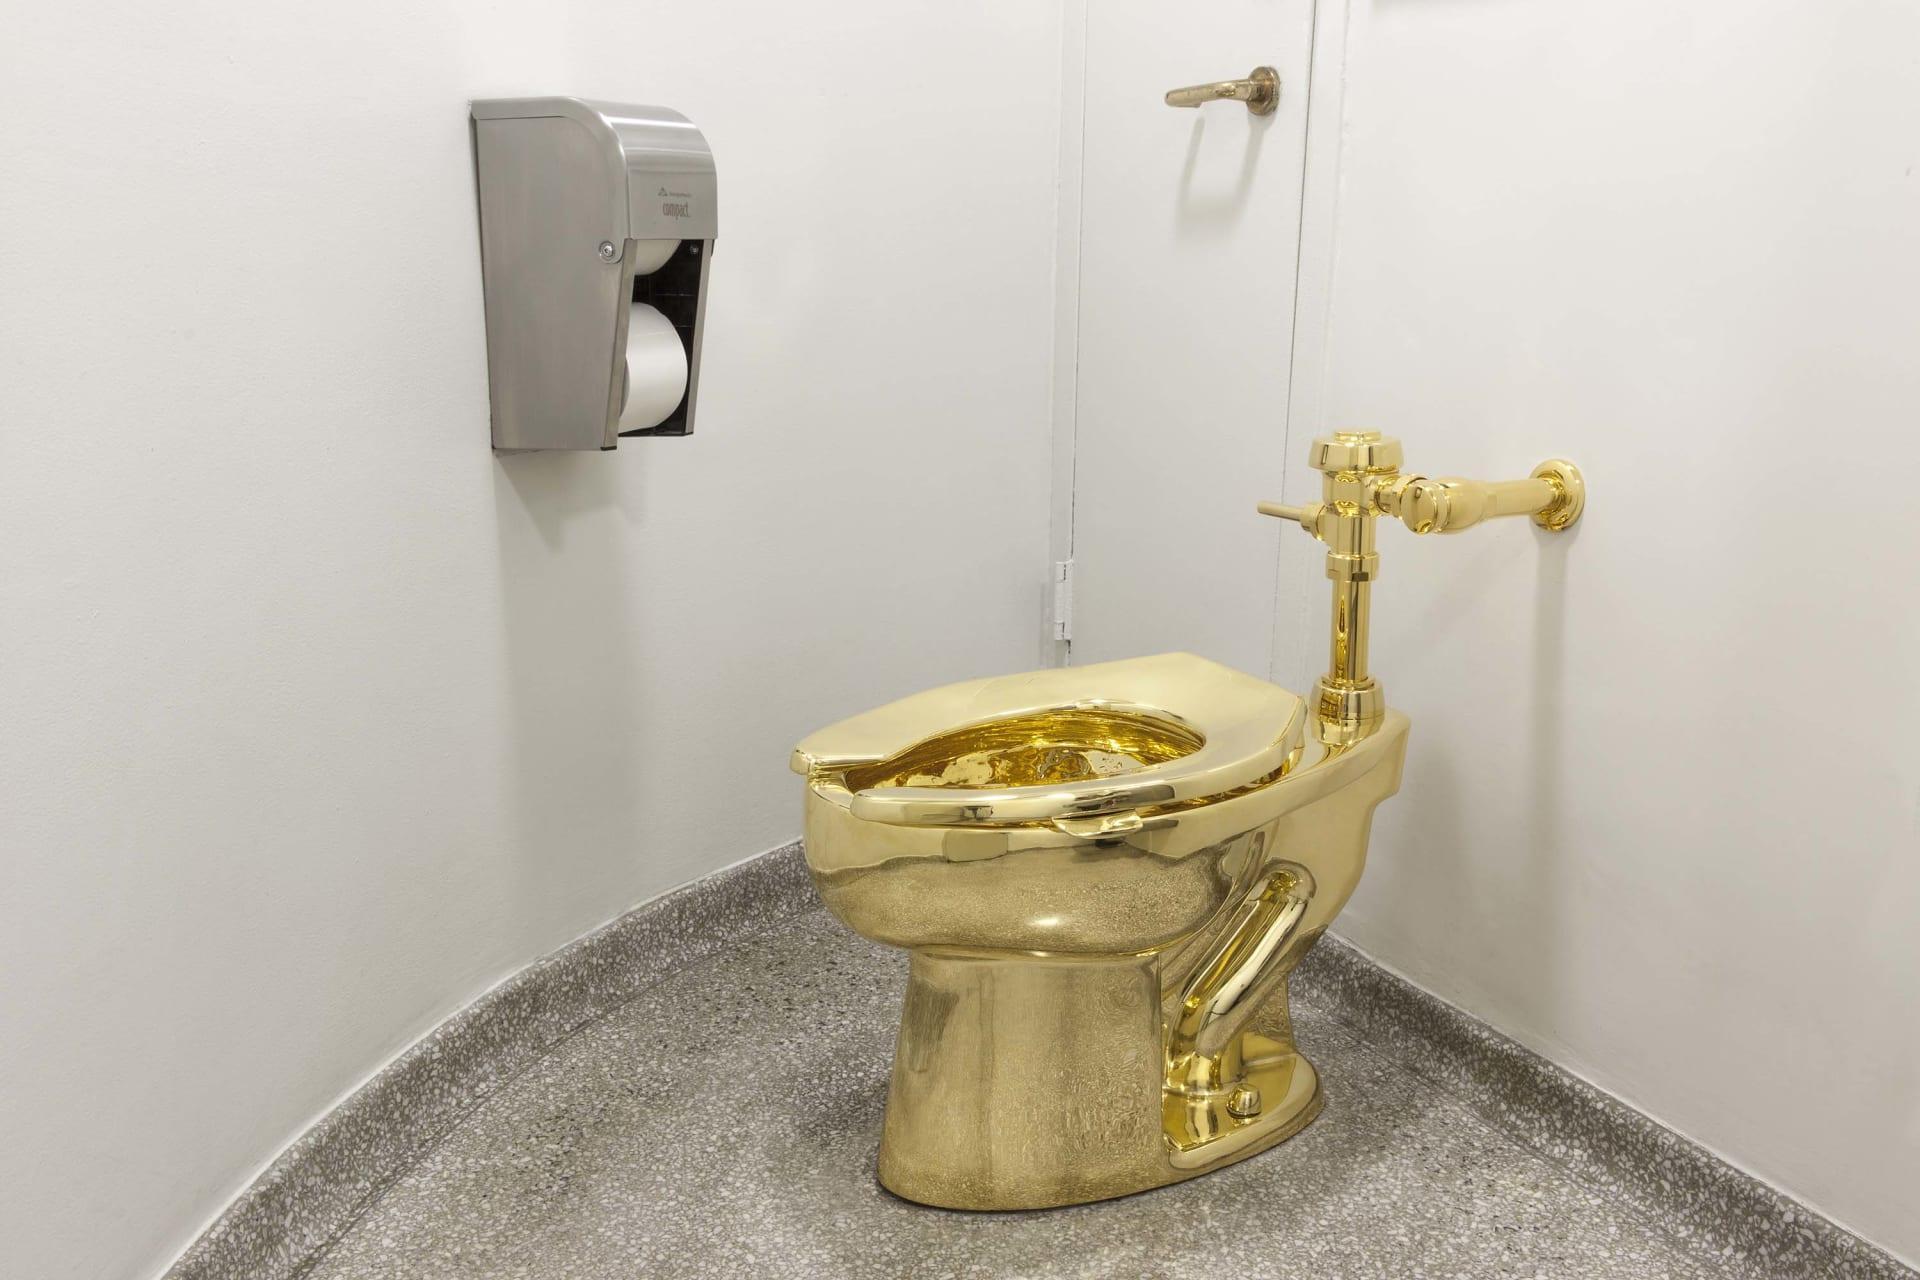 مكافأة ضخمة تتجاوز قيمتها 100 ألف دولار لمن يجد هذا المرحاض الذهبي المسروق  من قصر بلينهايم